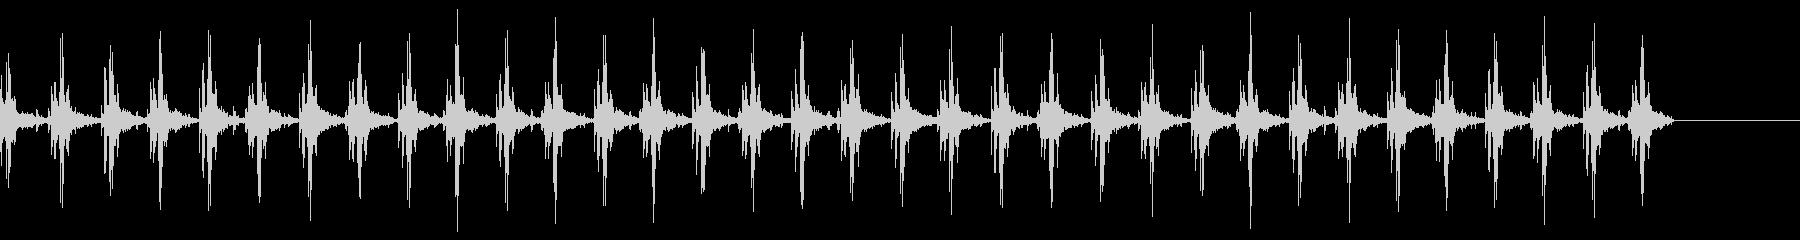 点火エンジン----アイドル-屋内の未再生の波形